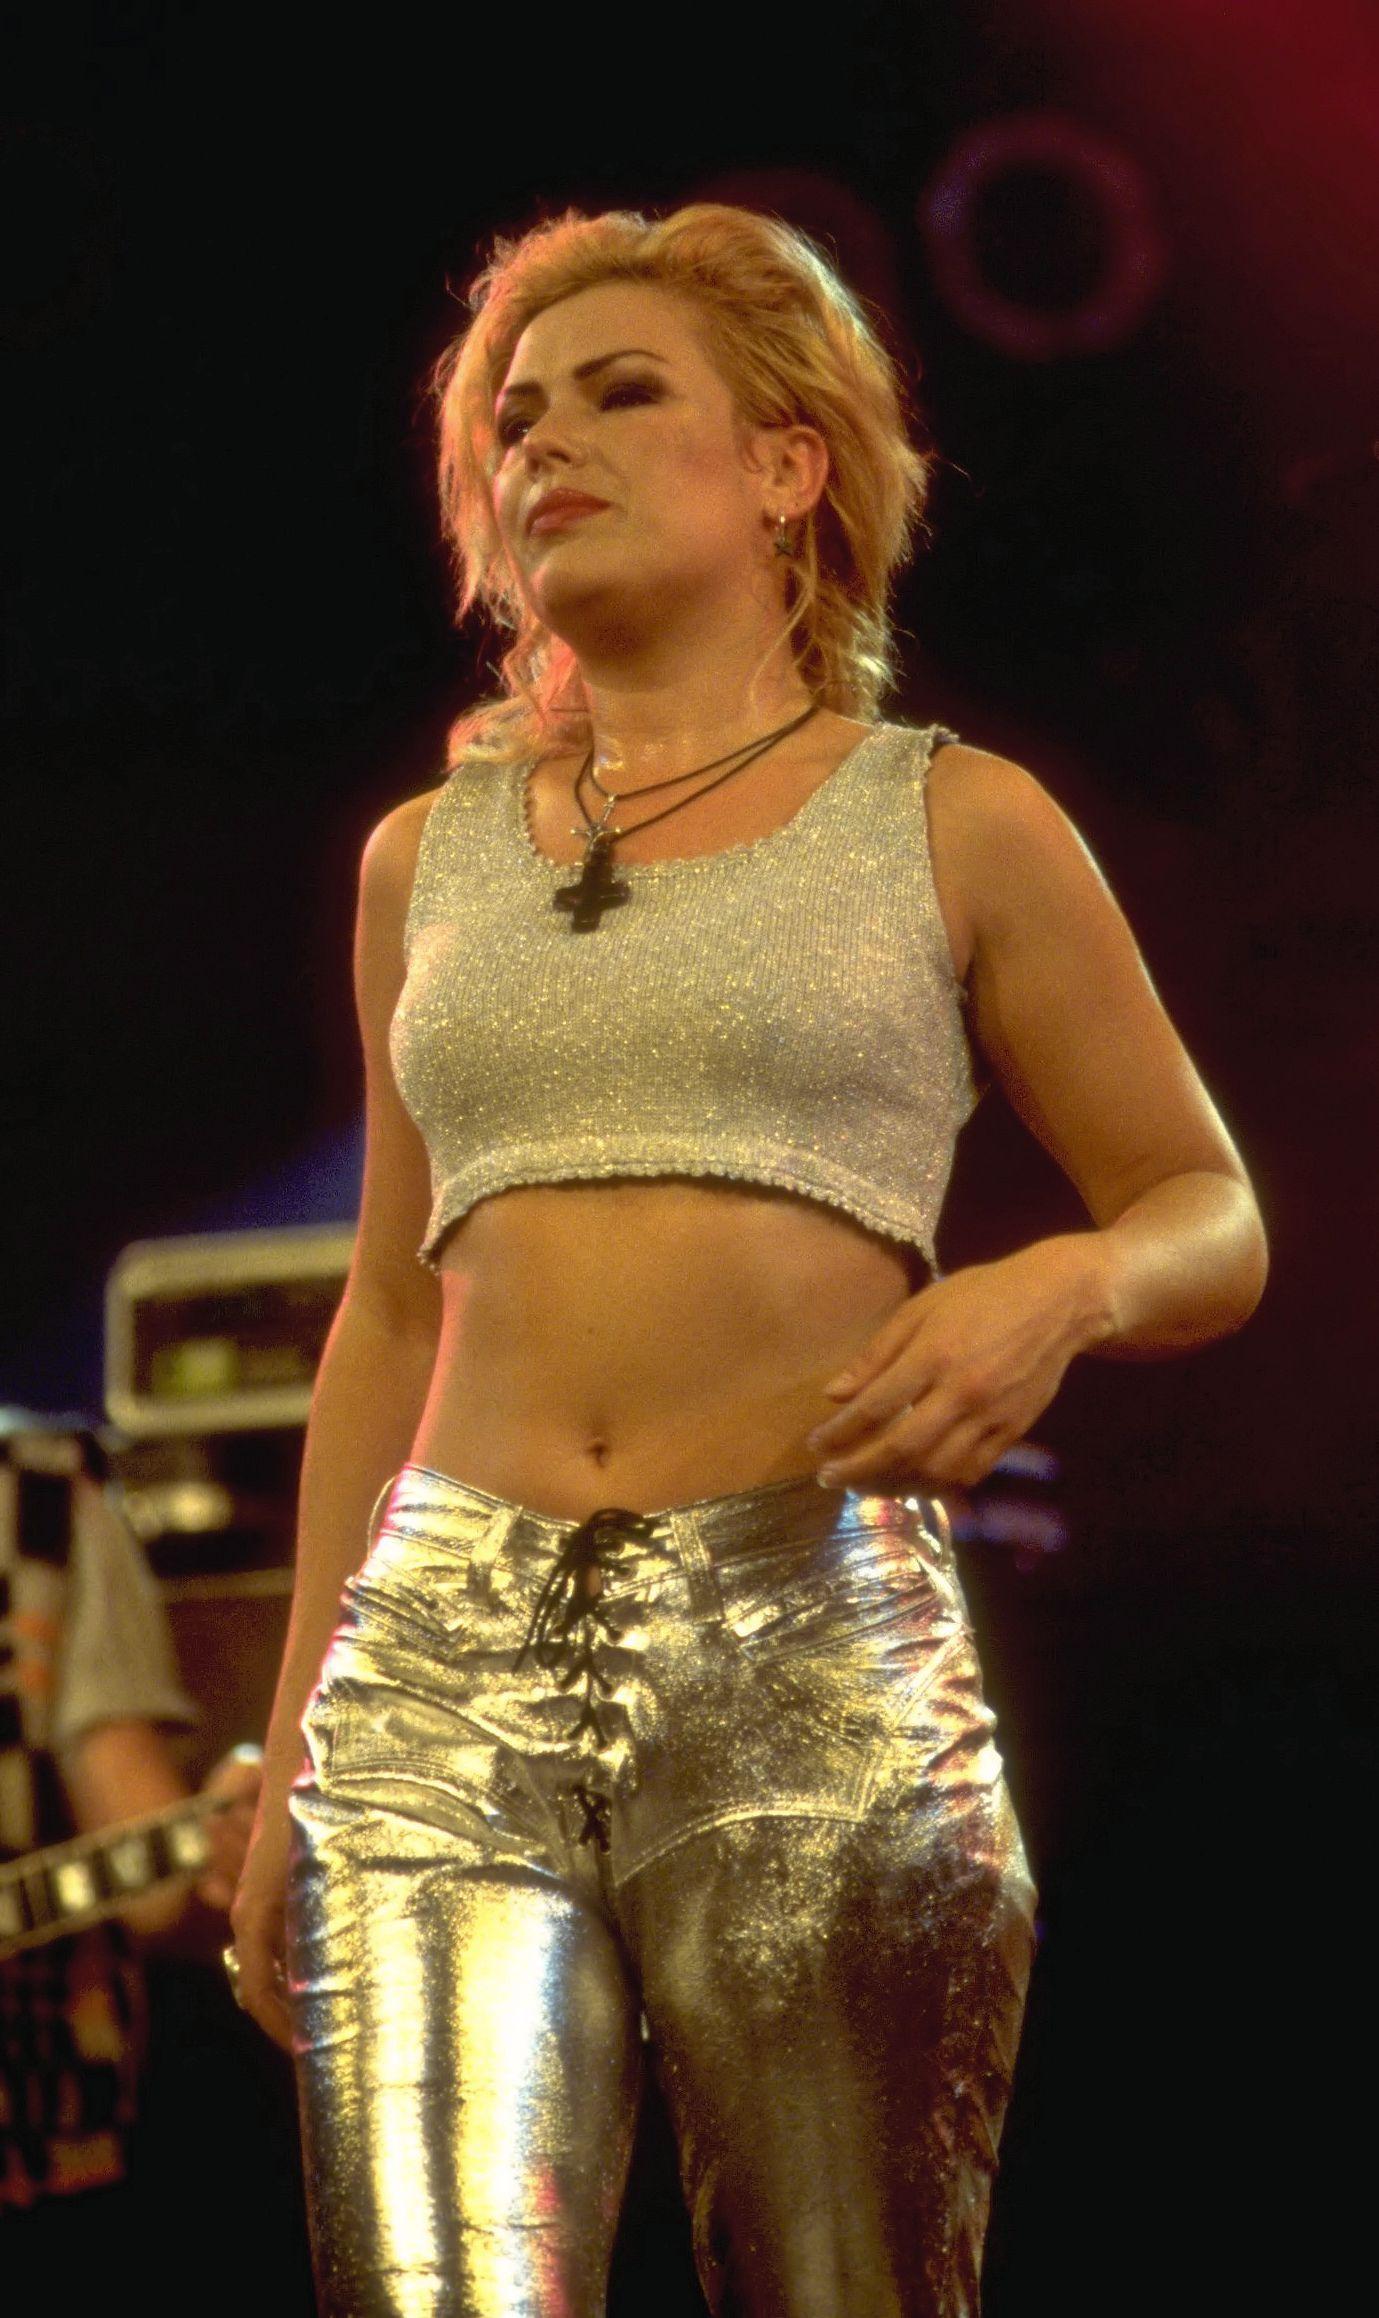 Kim Wilde beim Hessentag | Kim Wilde | Music und Style